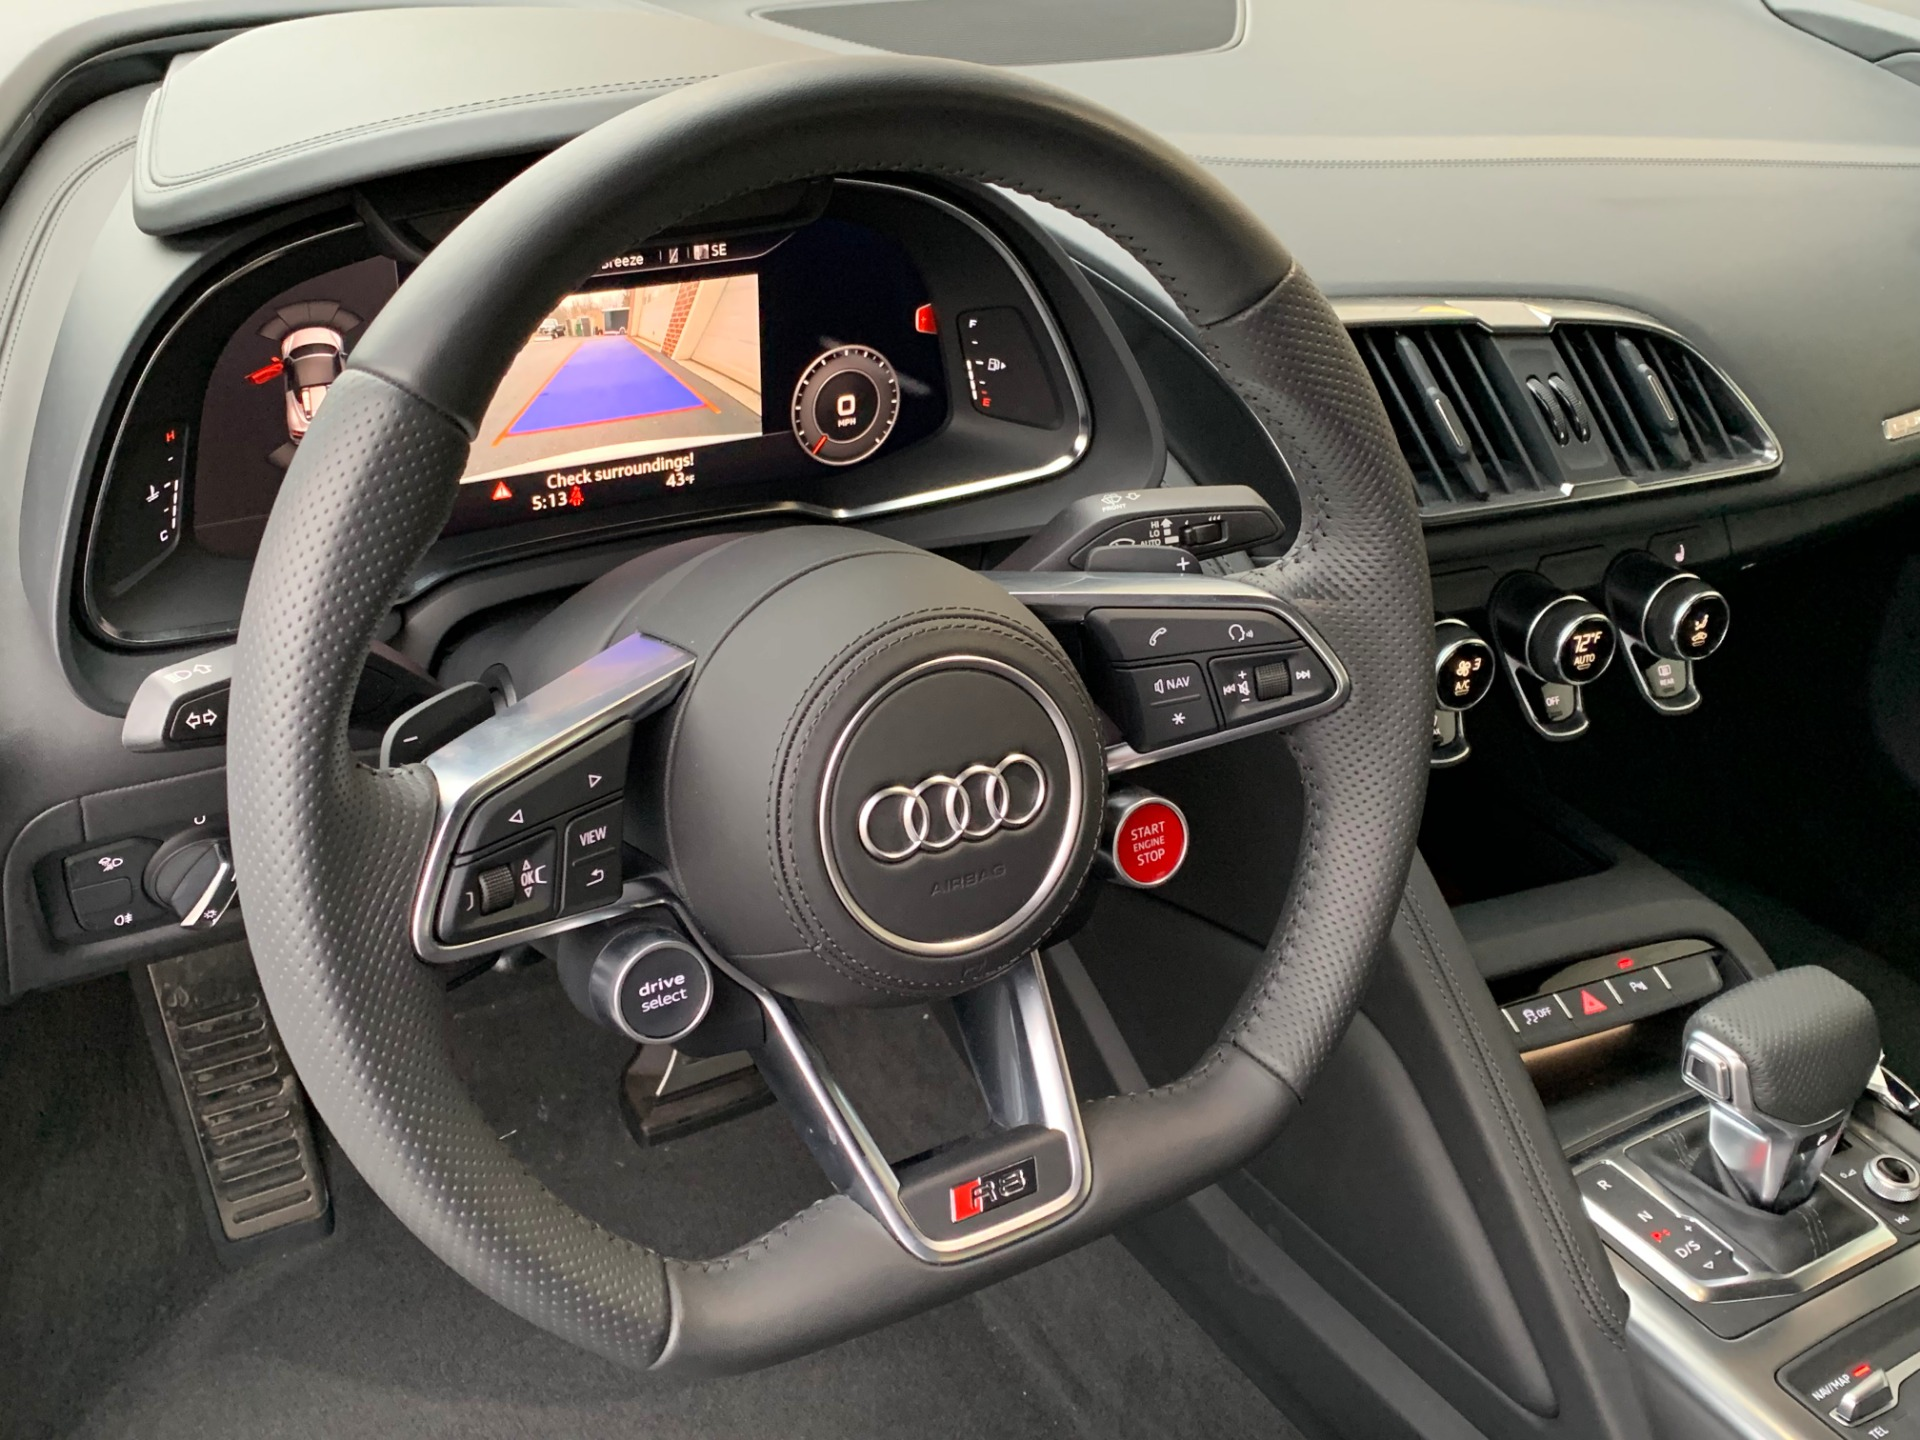 Used-2017-Audi-R8-52-quattro-V10-Spyder